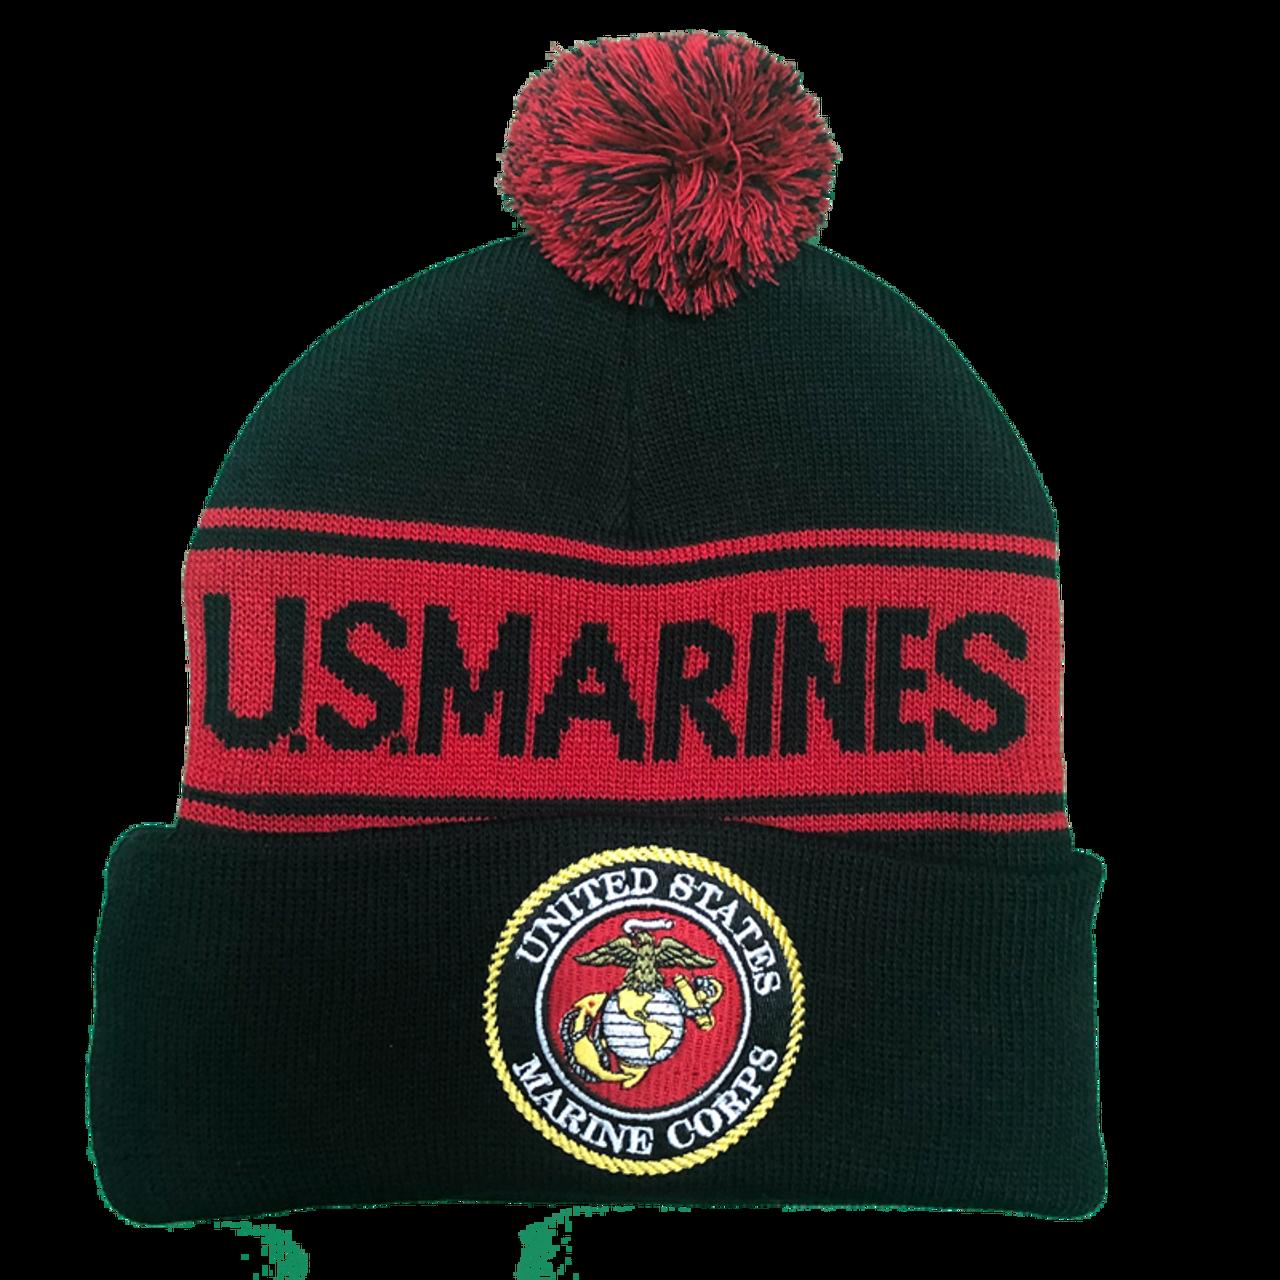 bb0b8f450 36237 - U.S. Marines Knit Beanie Hat with Pom Pom - Black/Red